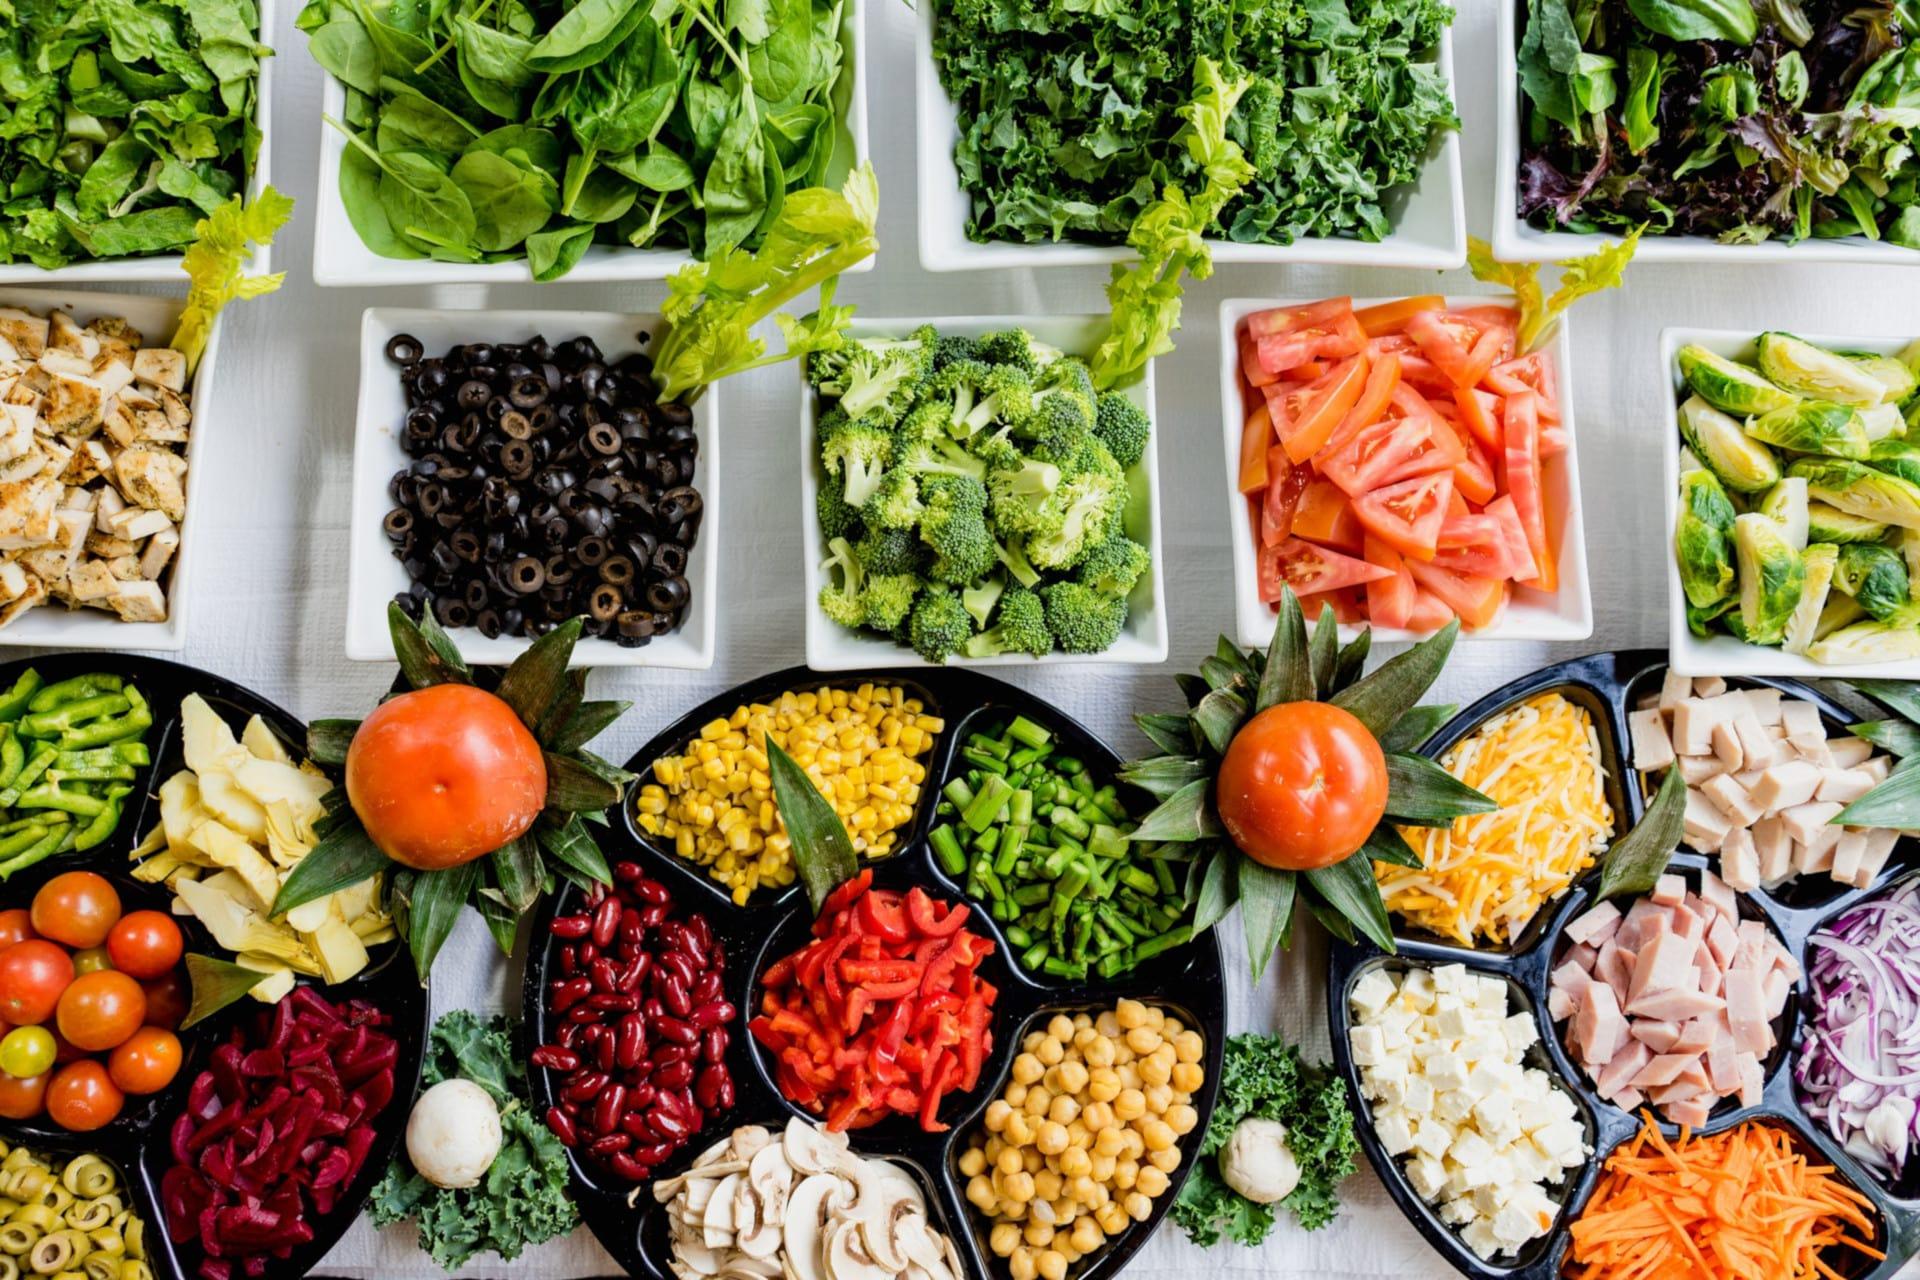 alimentos ricos en fibra sin gluten